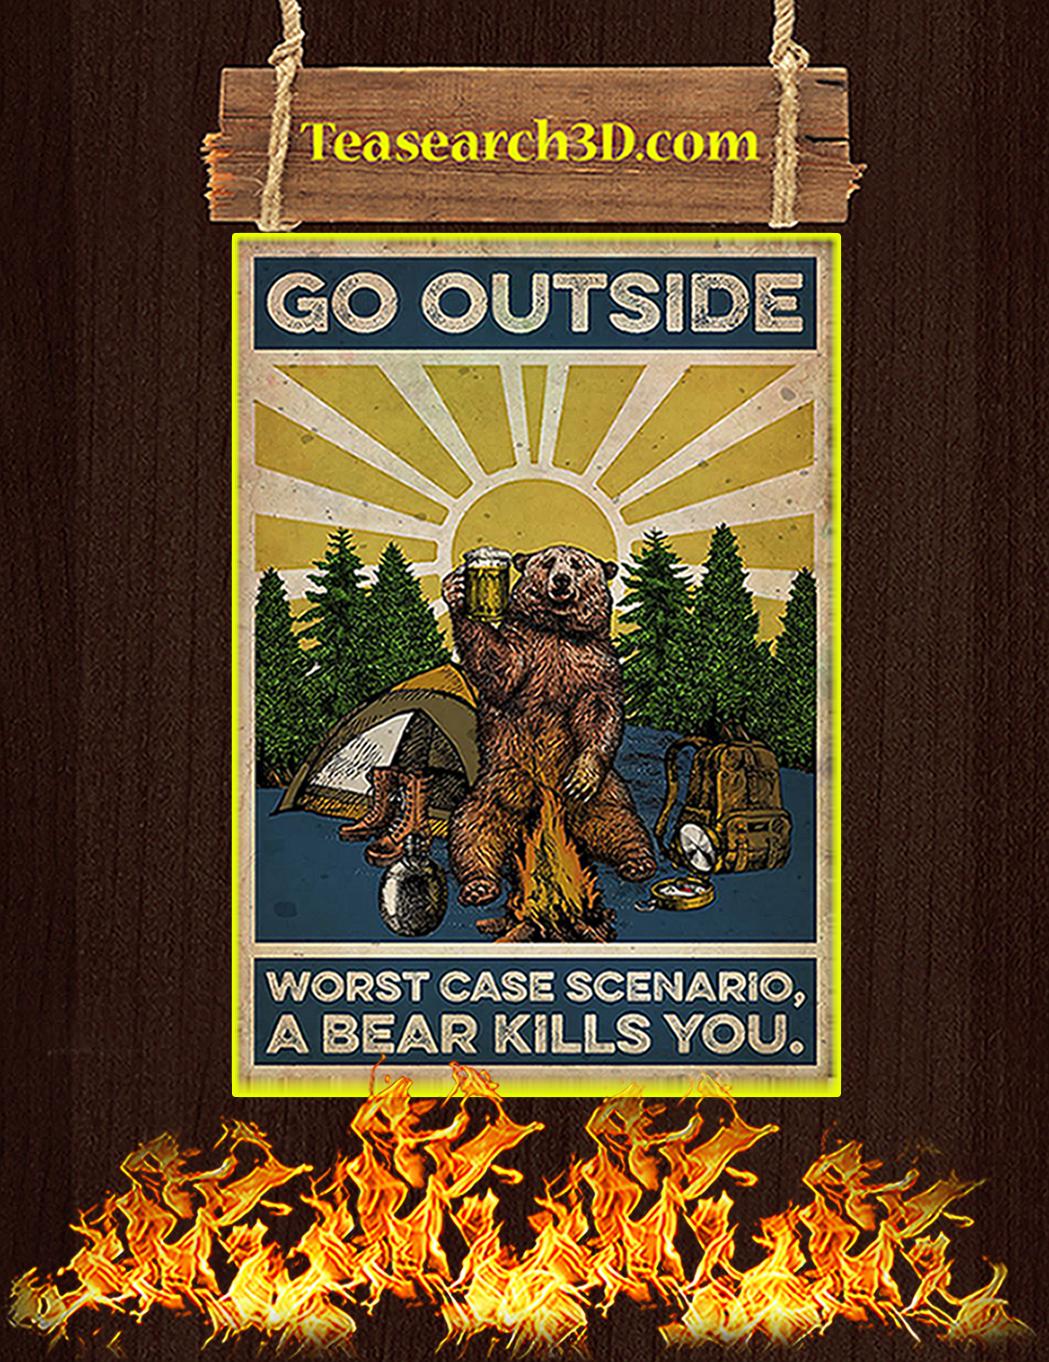 Camping go outside worst case scenario a bear kills you poster A1